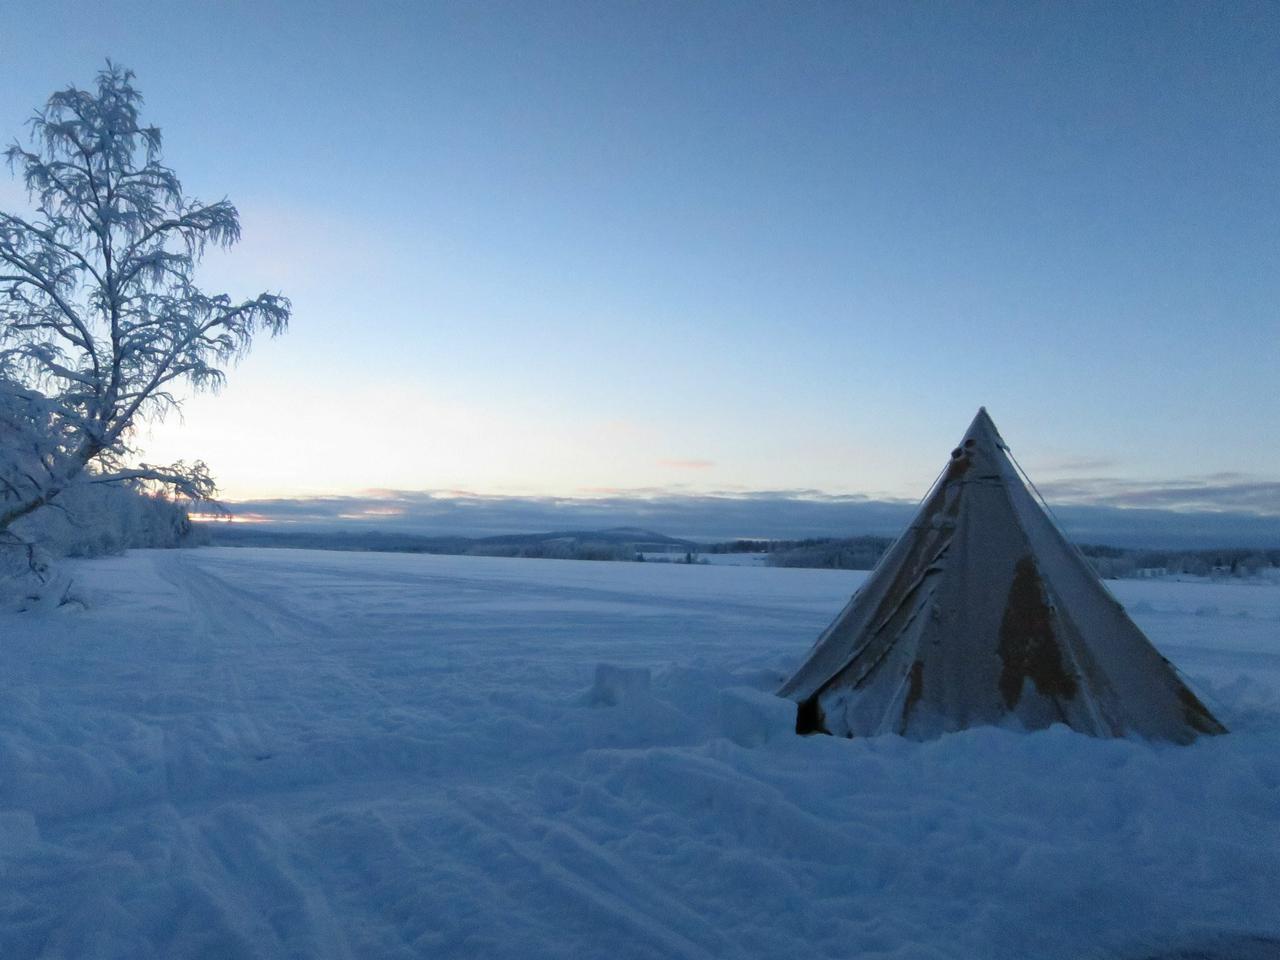 画像: テント・ストーブ・シュラフ(寝袋)の防寒アイテム3つを準備! 雪中キャンプは暖房にこだわろう!